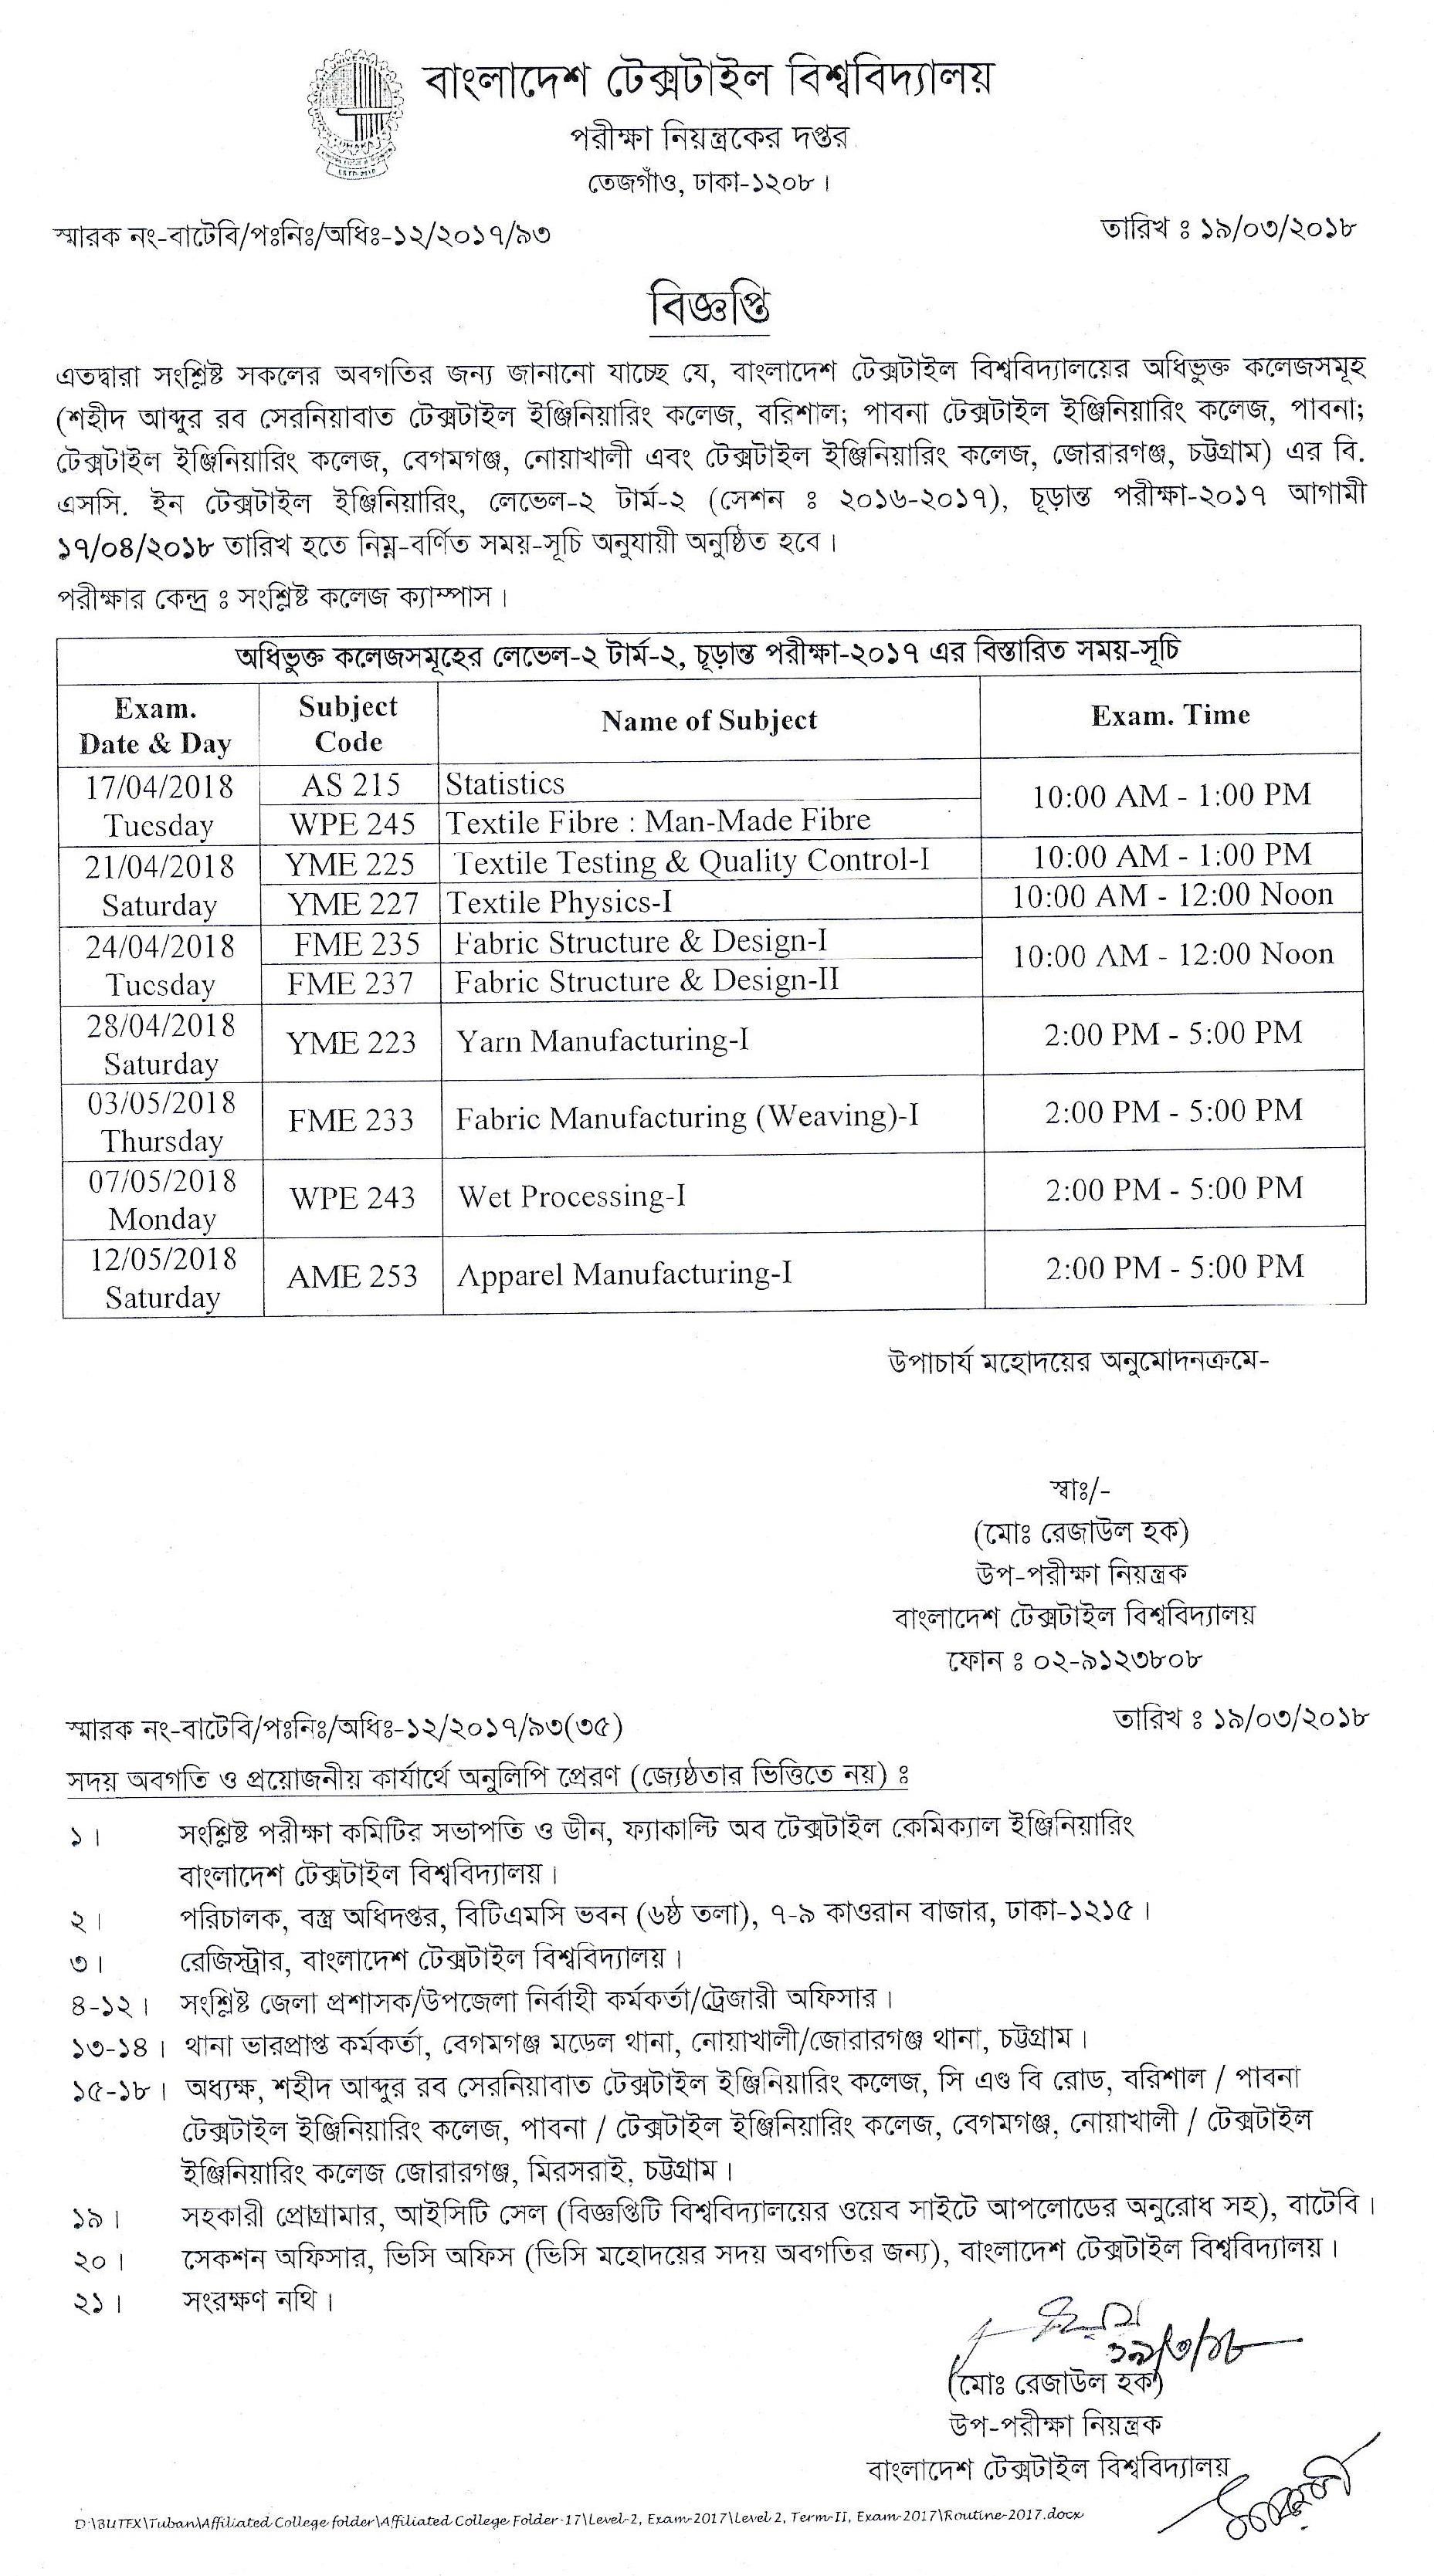 Exam Schedule: L-2 T-2 E-2017